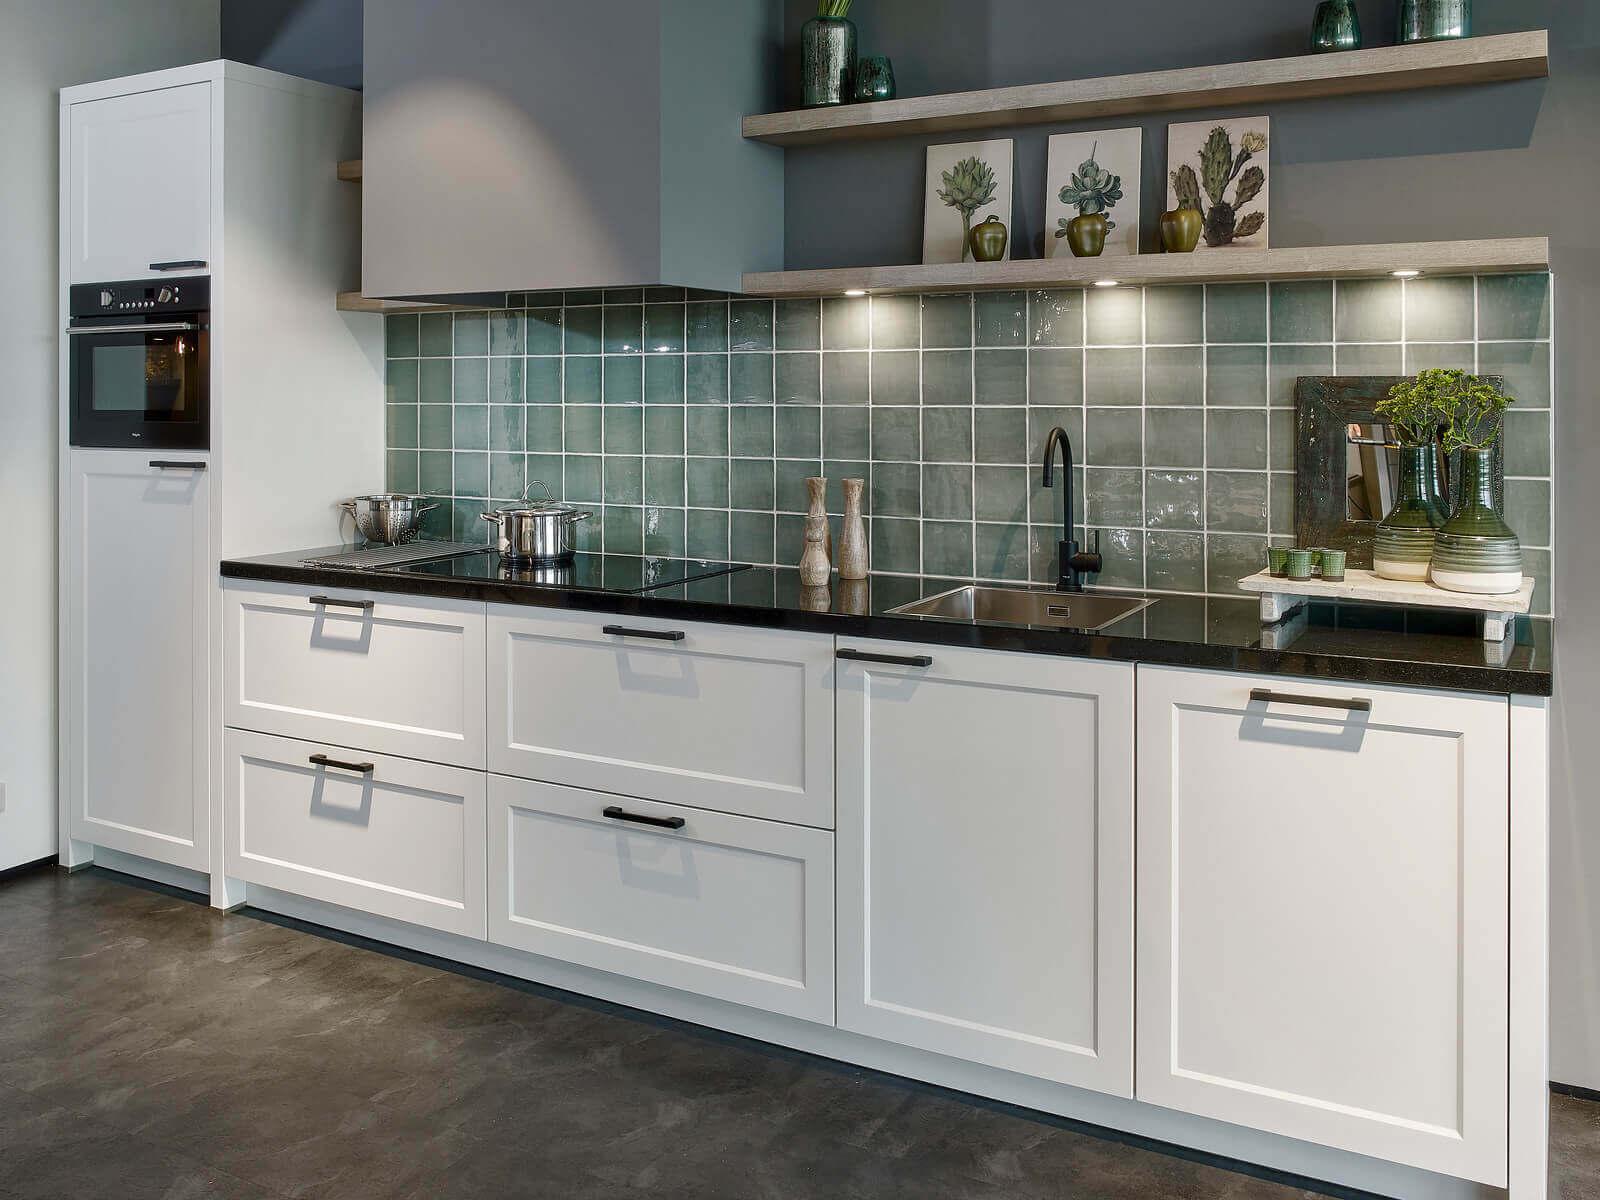 Witte keuken met zwart aanrechtblad